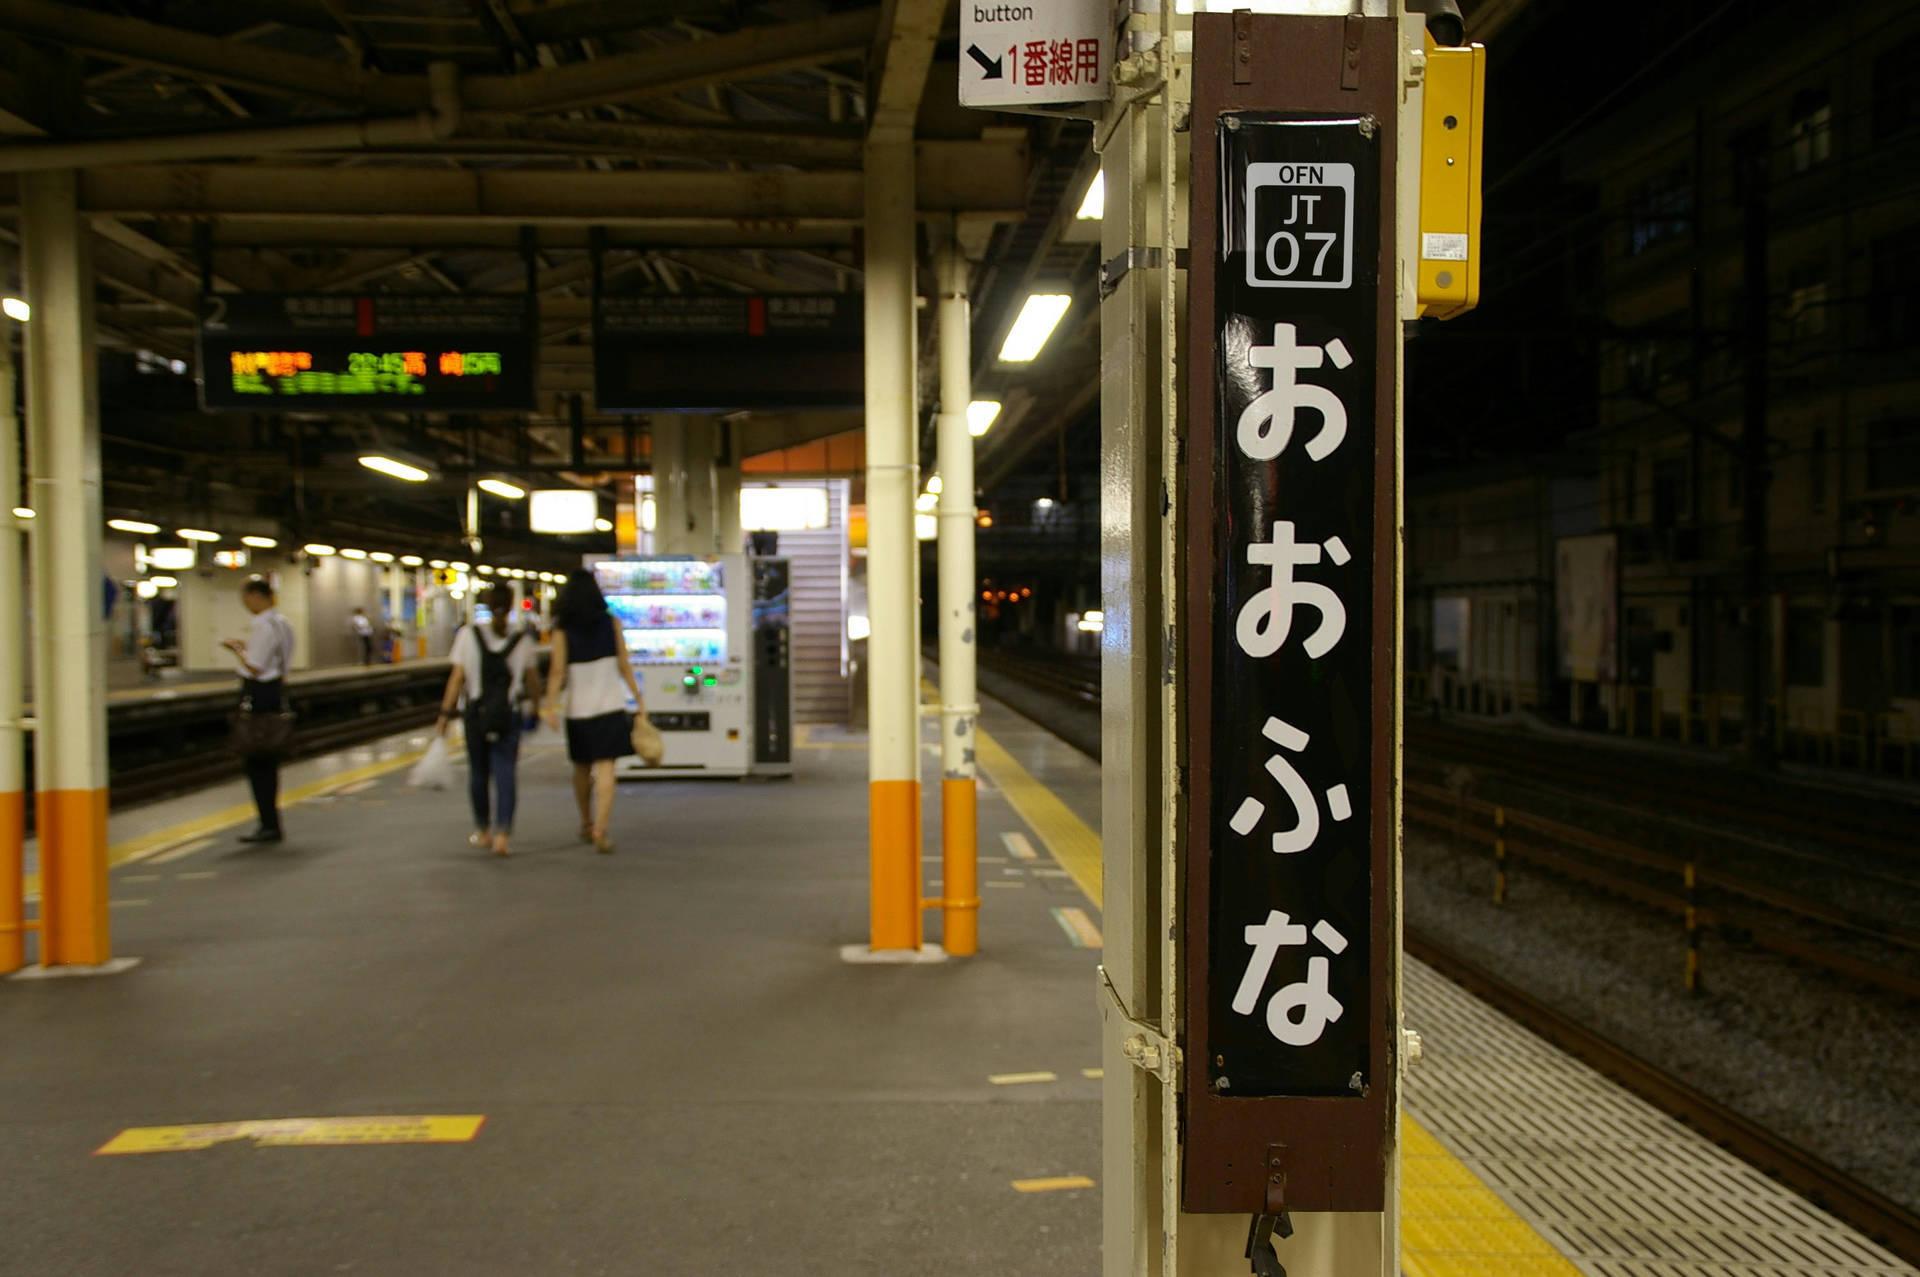 駅ナンバリングに対応した大船駅のレトロ駅名標(コラ画像)